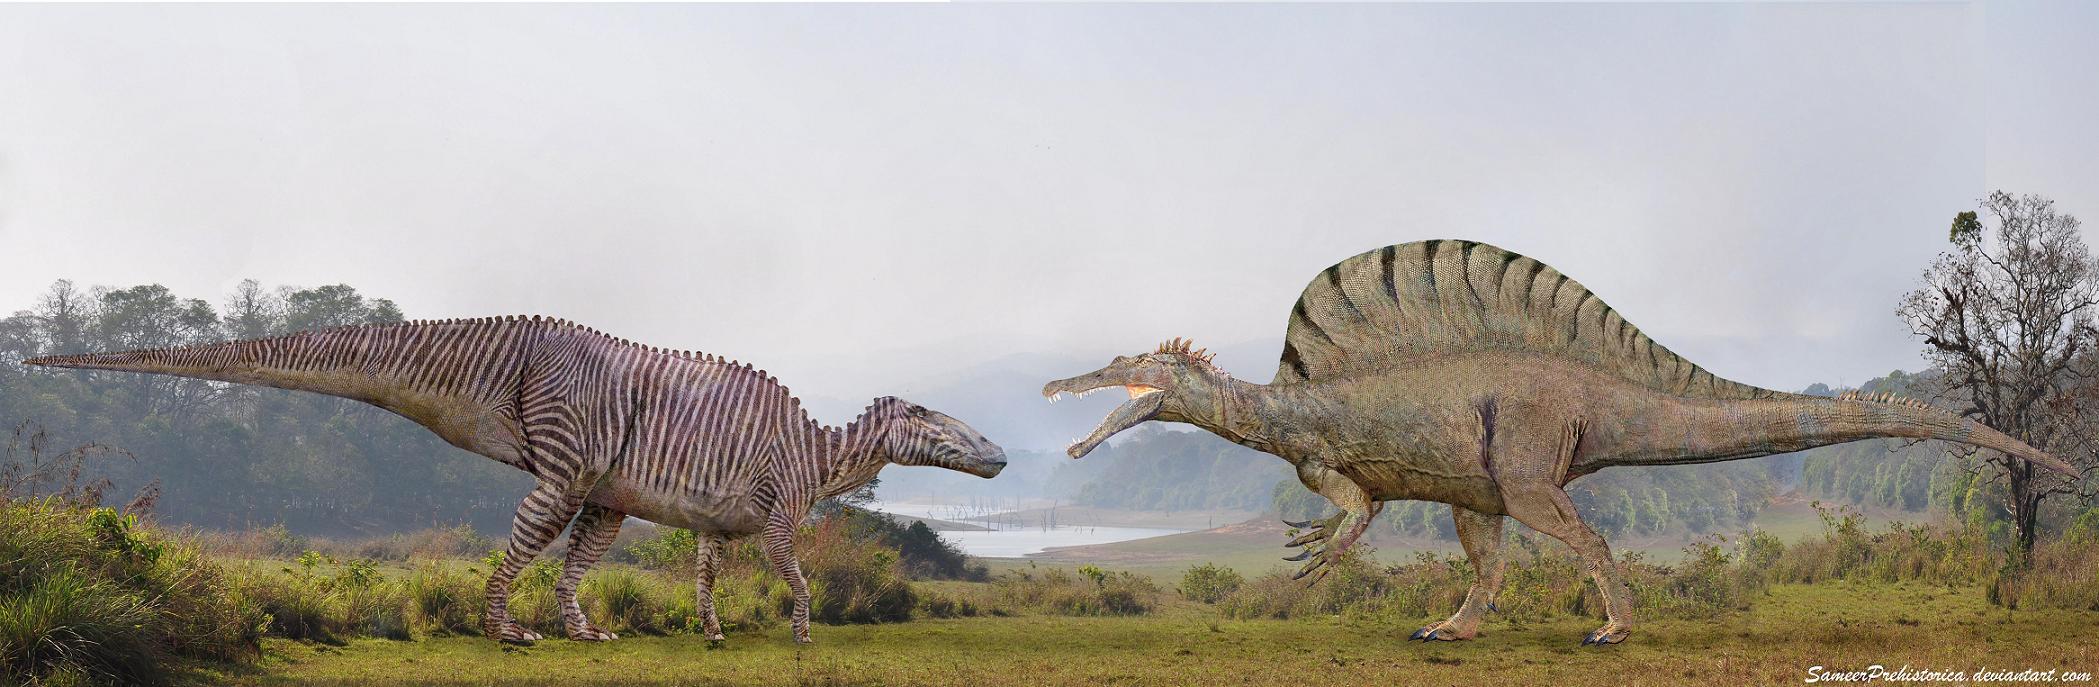 Shantungosaurus vs Spinosaurus by SameerPrehistorica